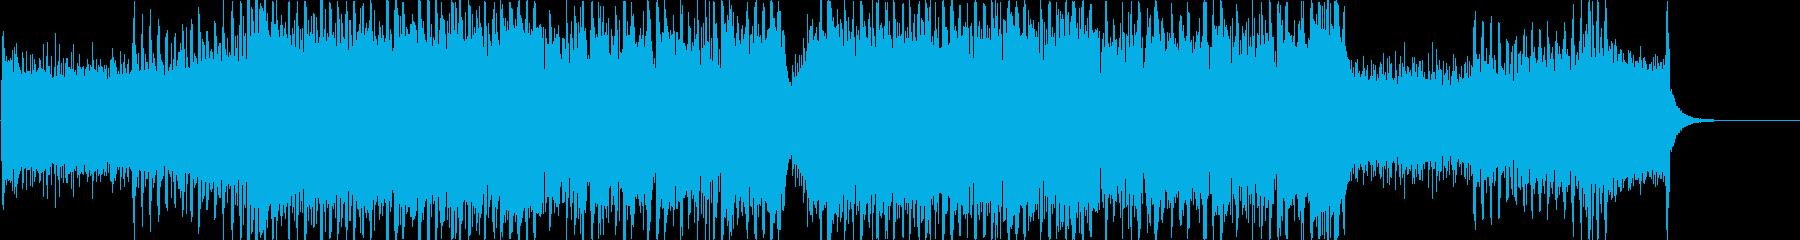 晴れた空に合う軽快なキラキラポップaの再生済みの波形